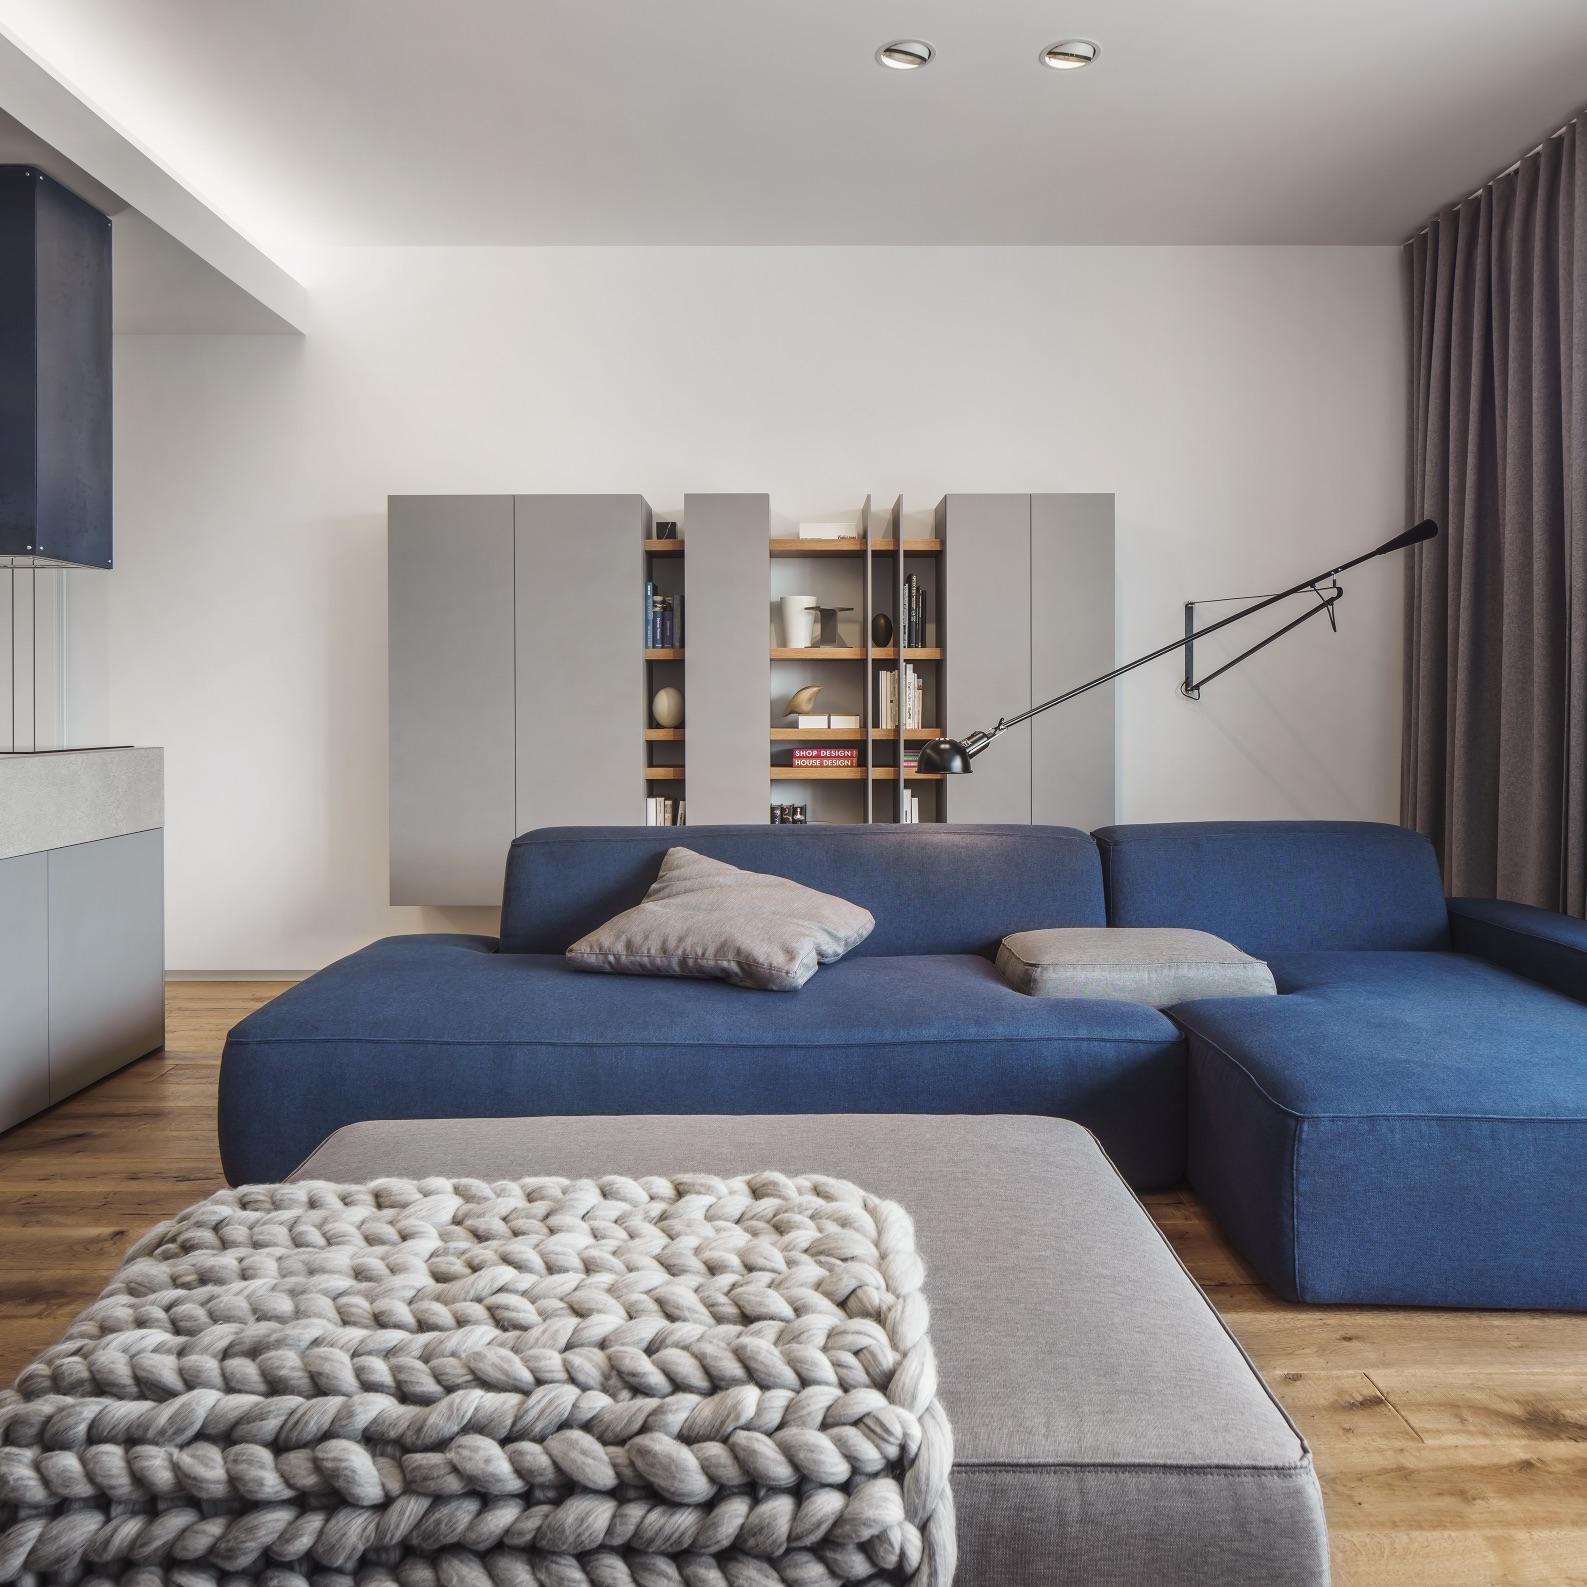 4_RS apartment_studio1408_Inspirationist